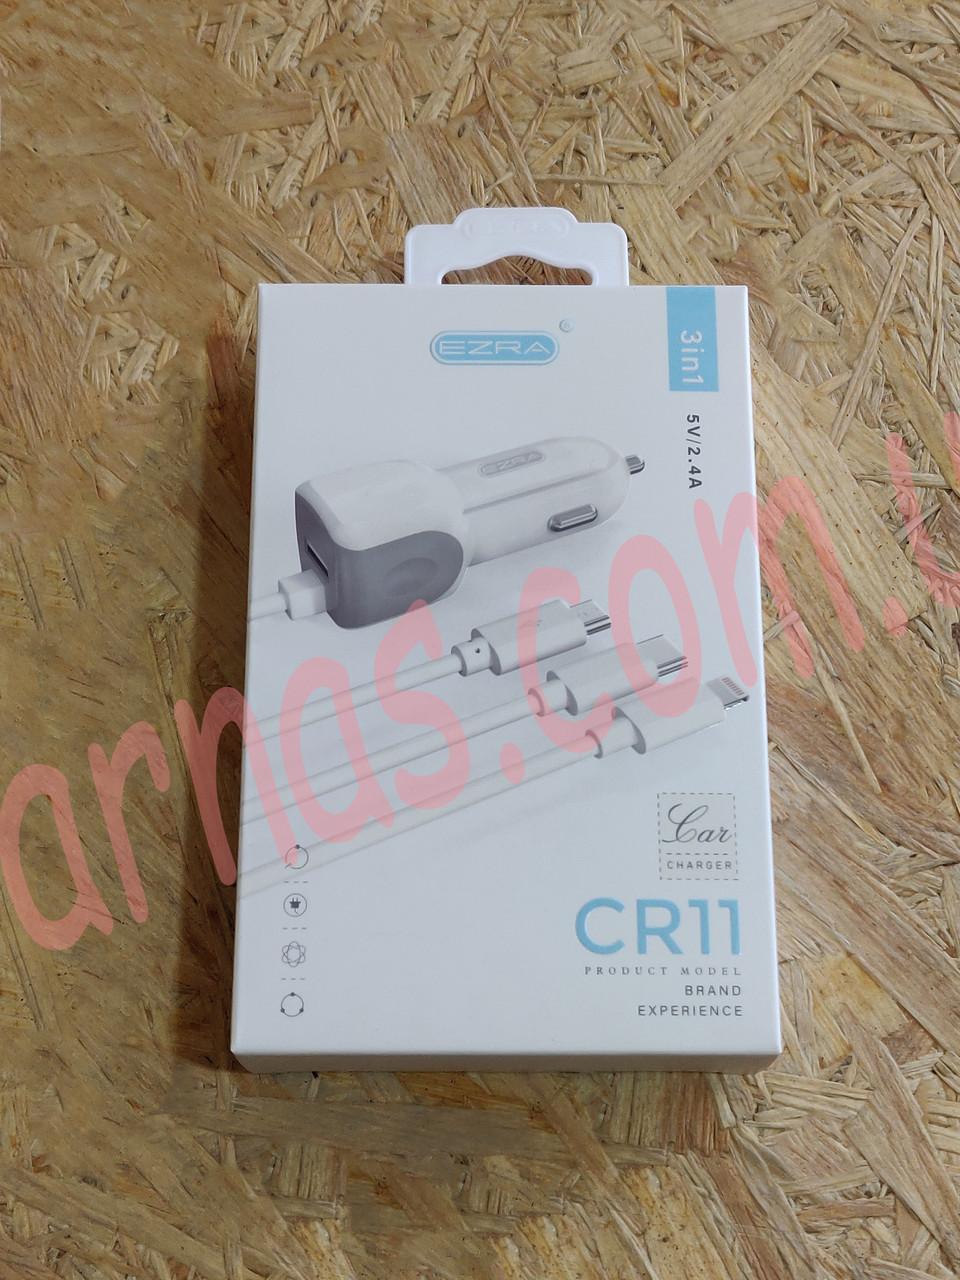 Автомобильное зарядное устройство 3 в 1 (CR-11)